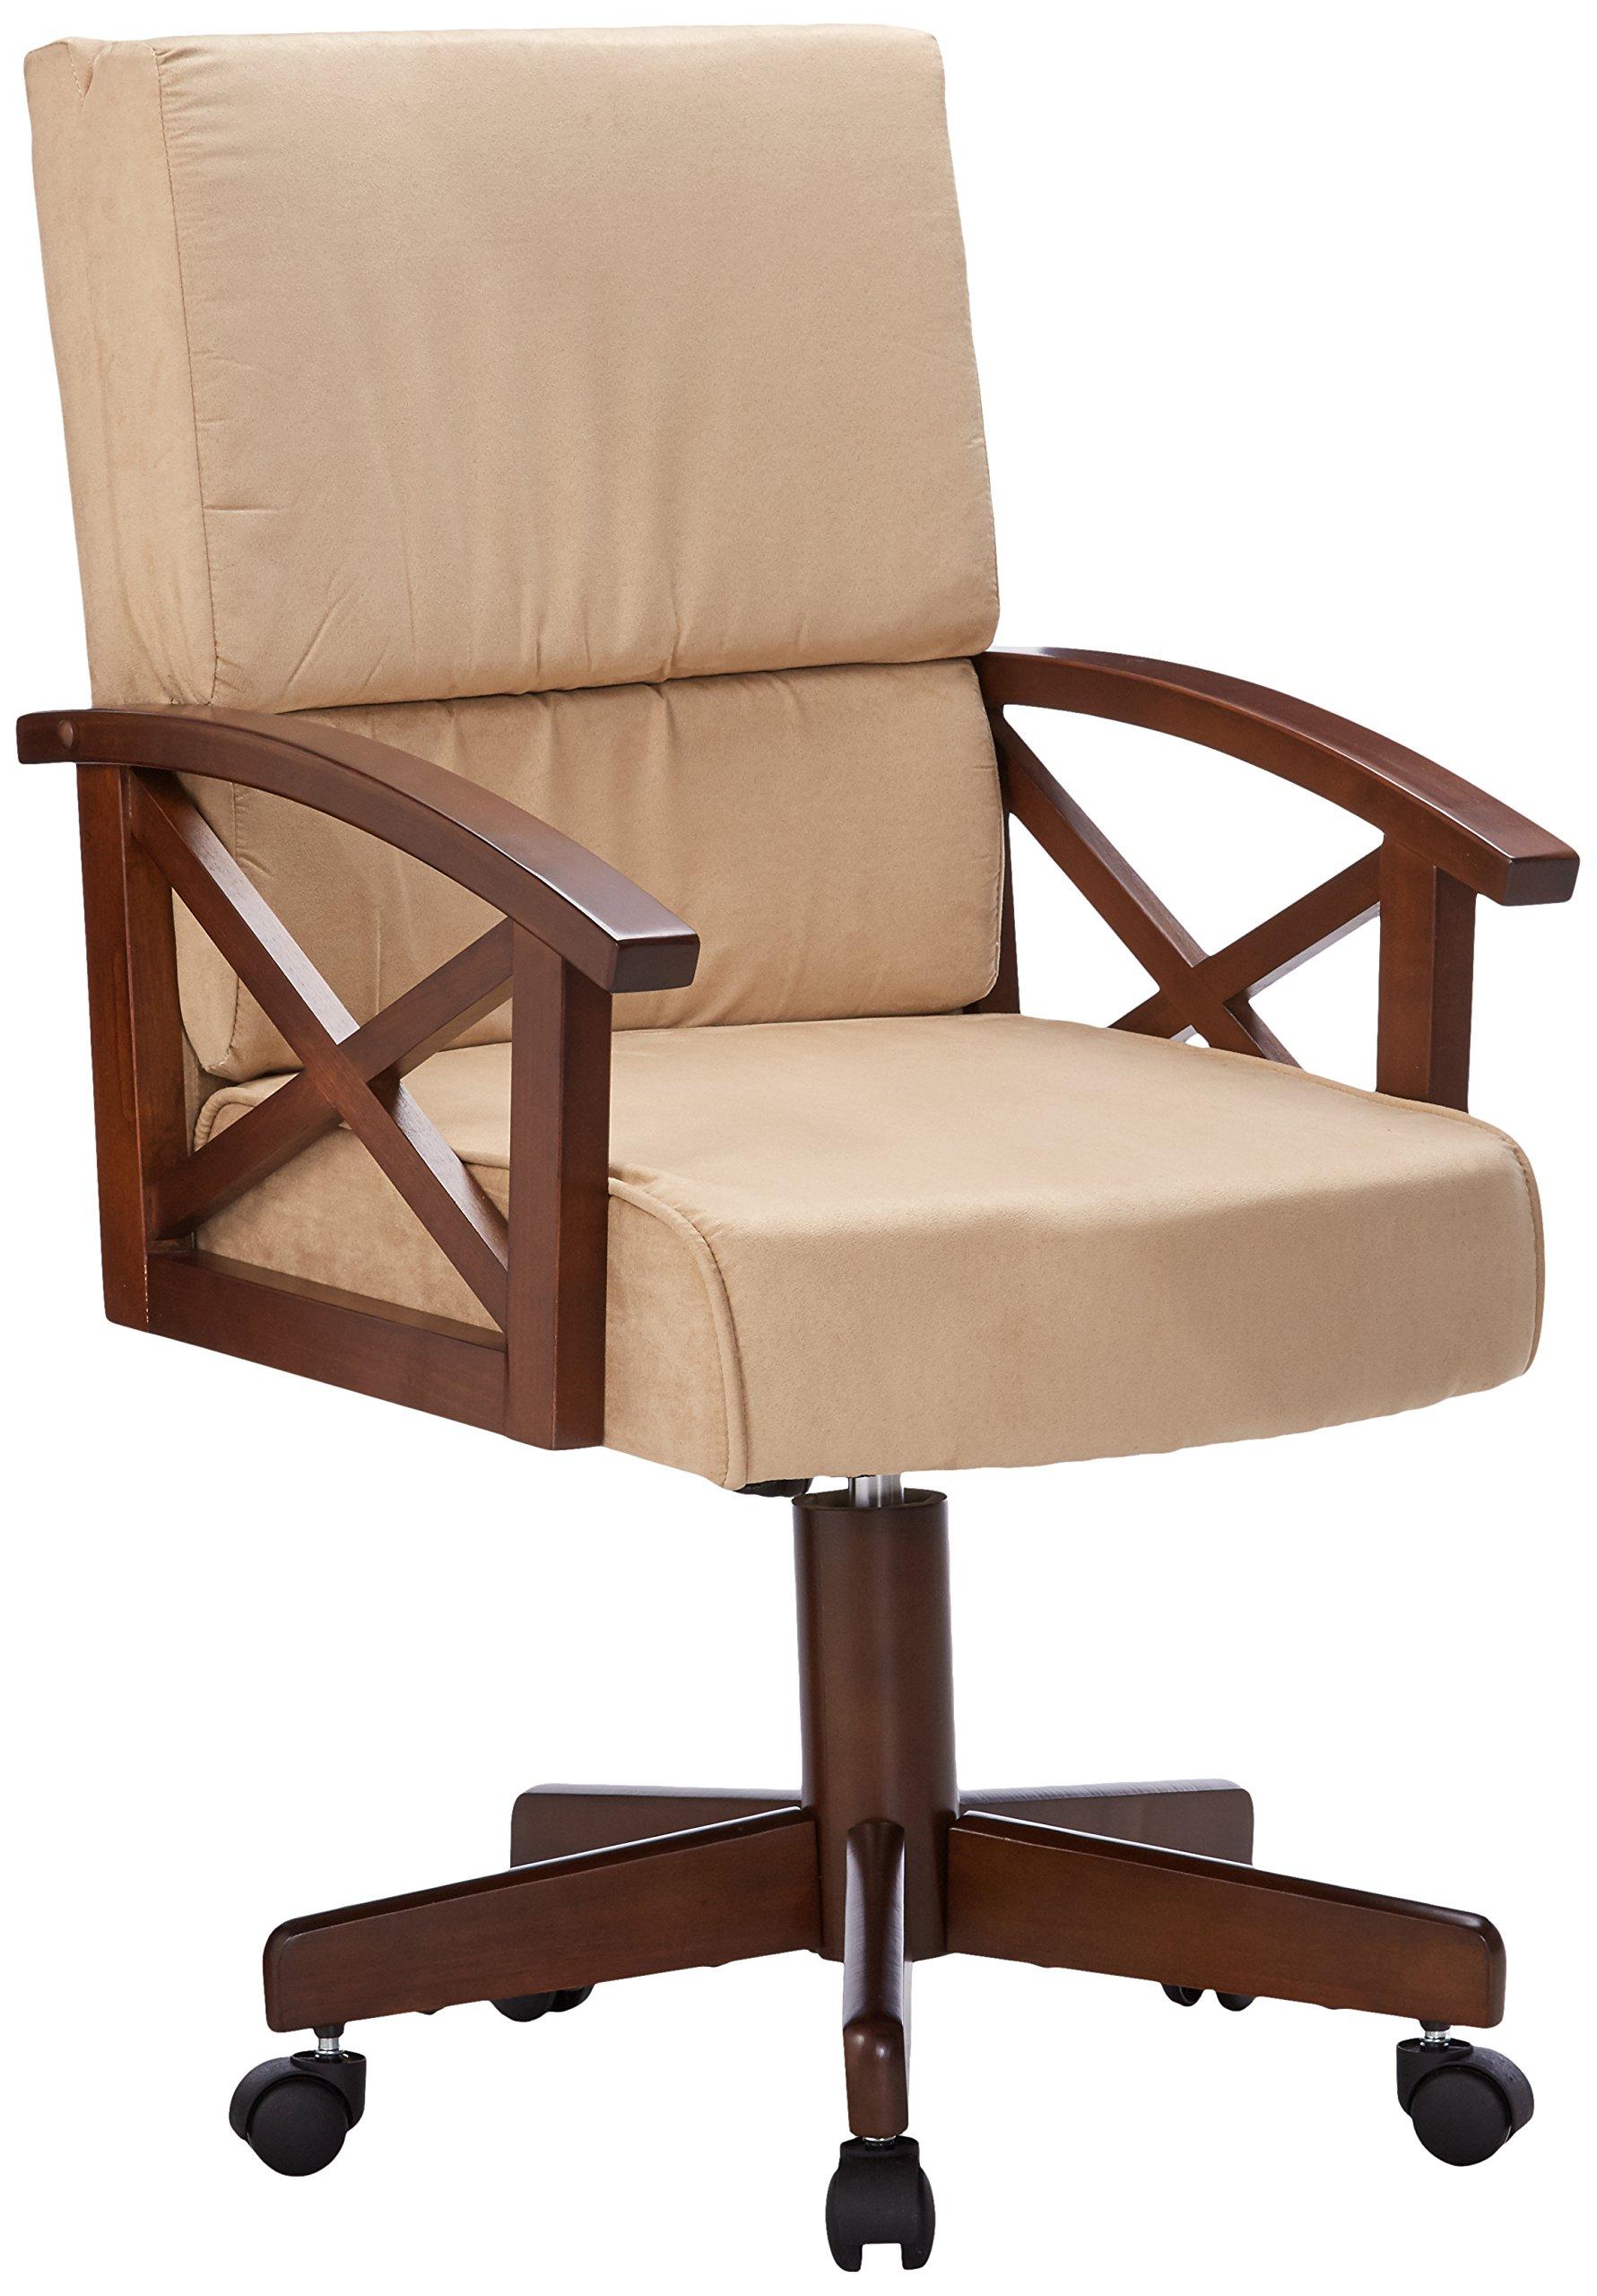 Coaster Home Furnishings Casual Game Chair, Oak/Beige